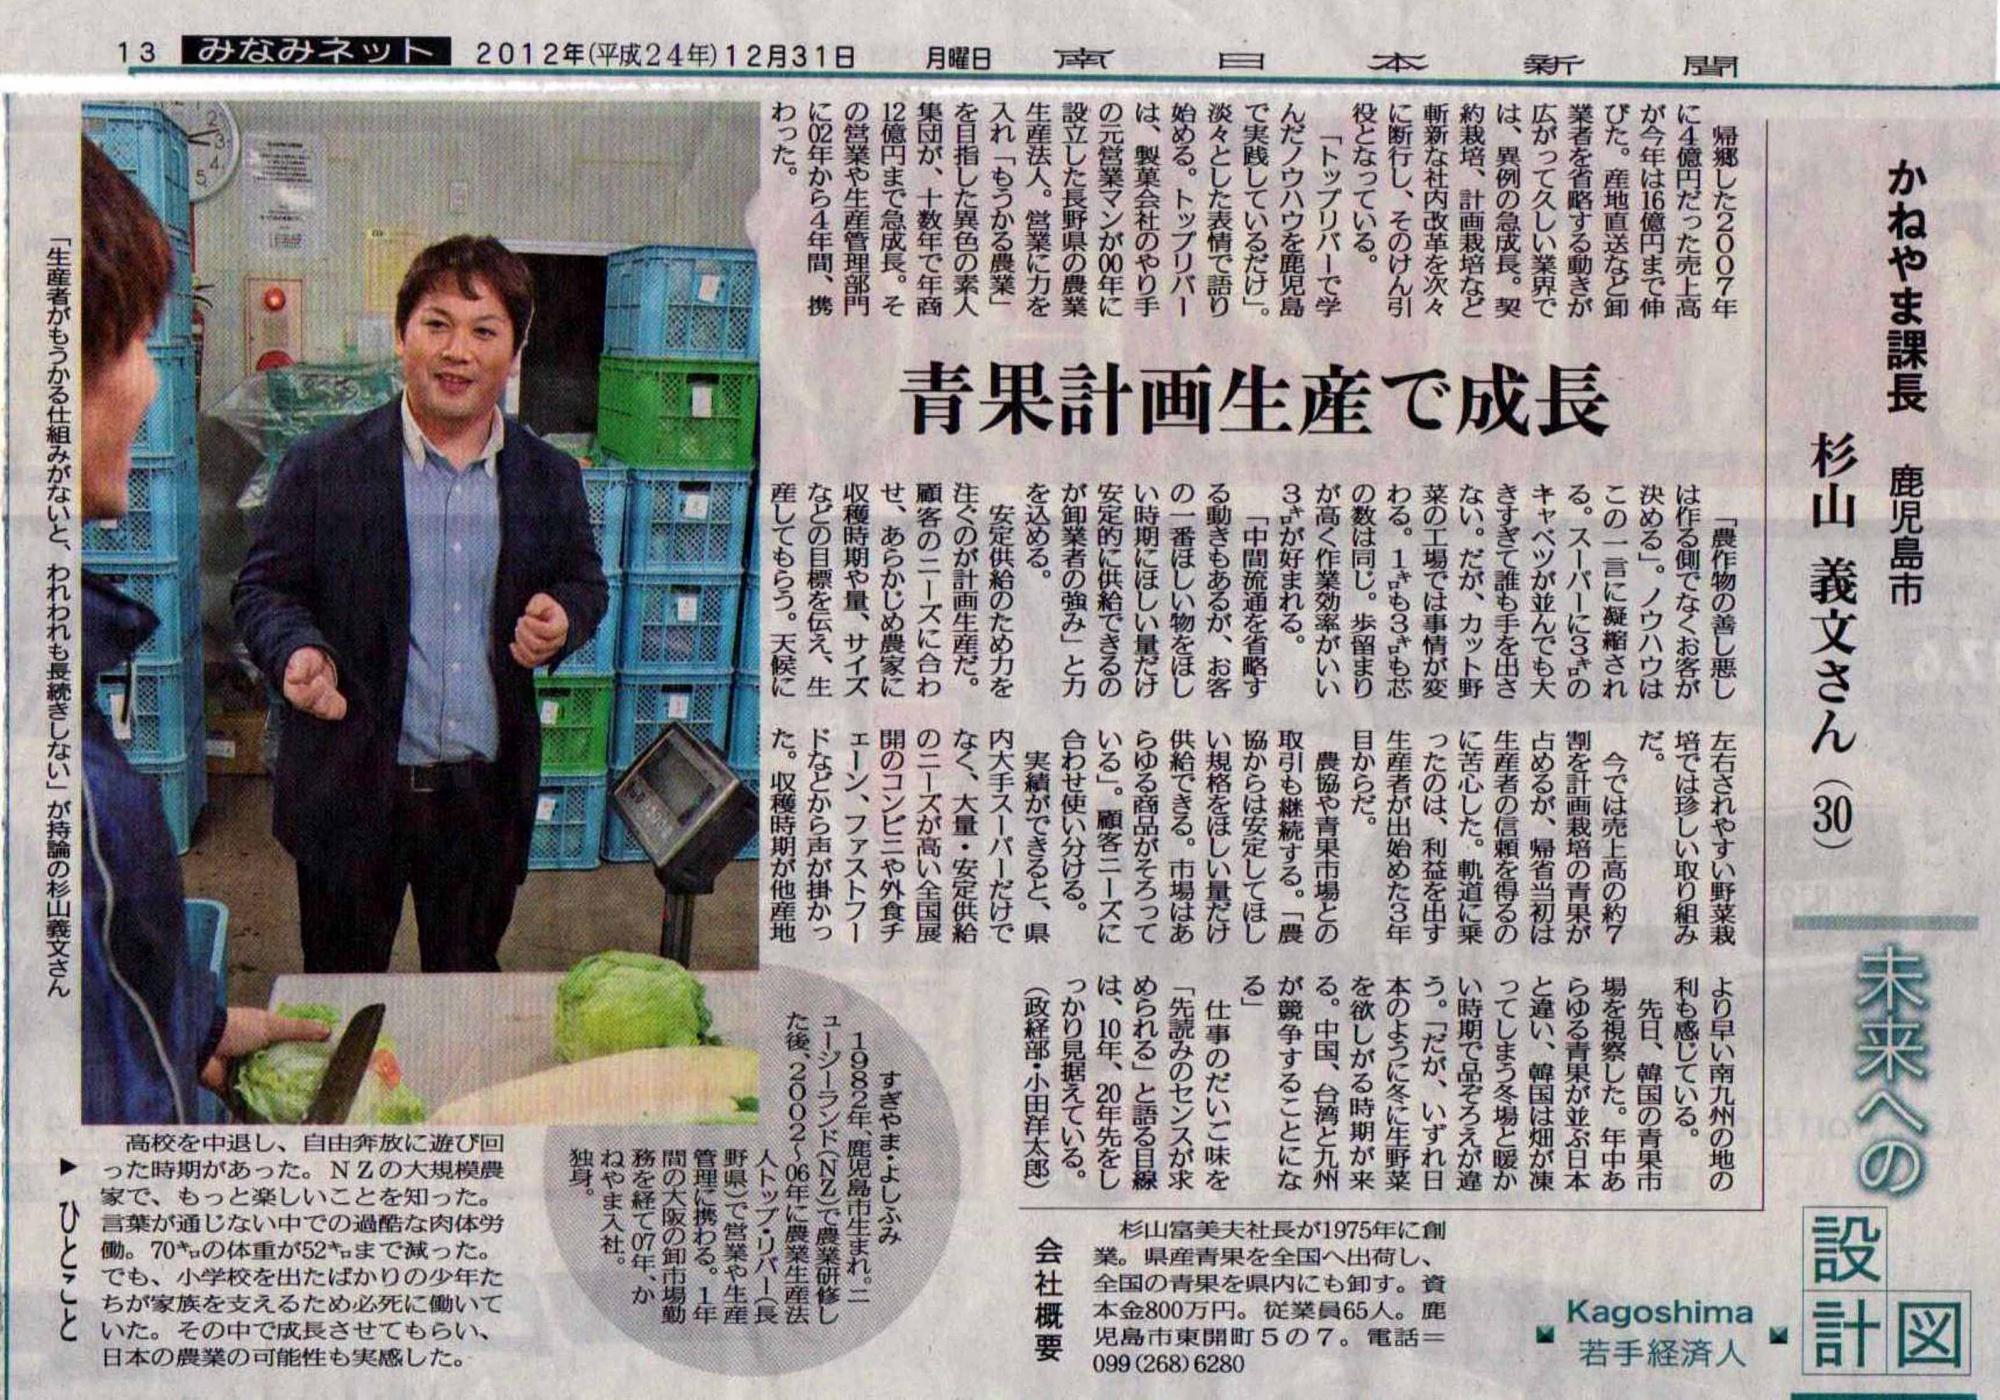 【メディア掲載】2012年12月31日 南日本新聞